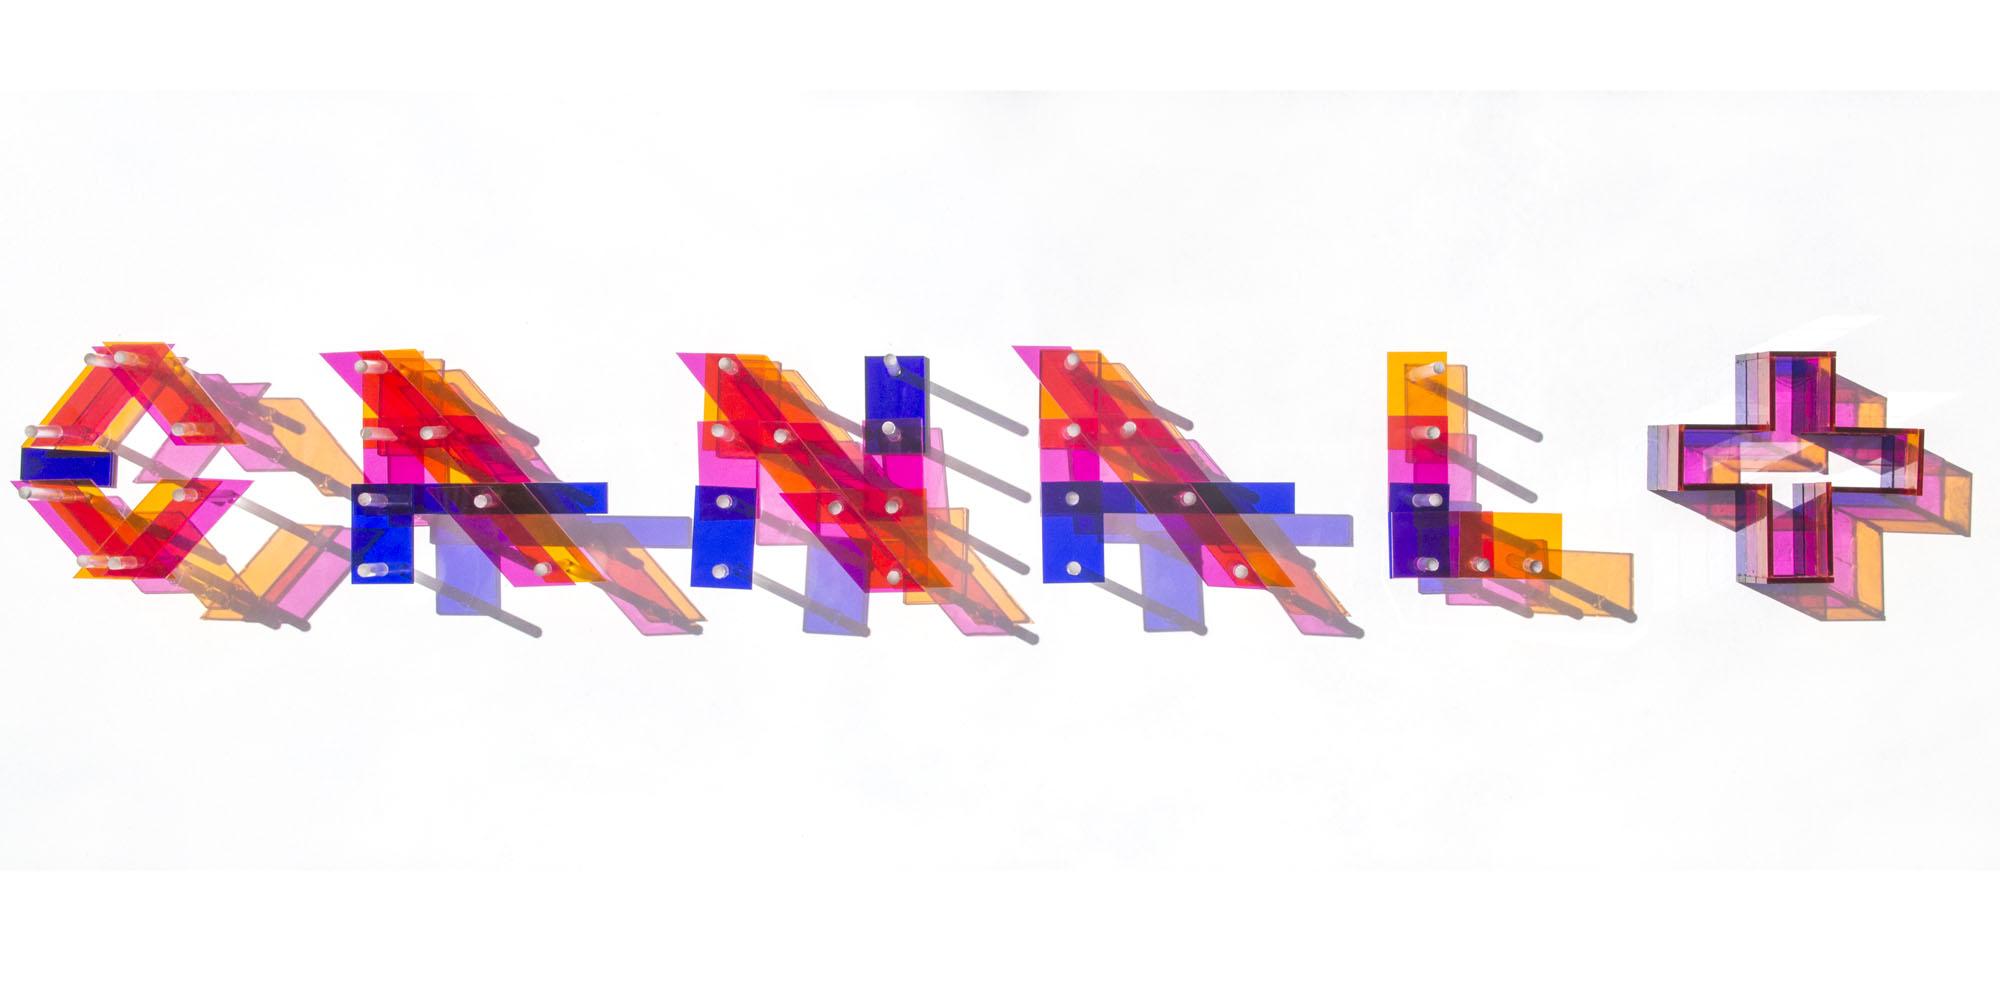 Une anamorphose en plexiglas de Pierre Brault pour le groupe Canal +, qui a sollicité l'artiste pour l'habillage de plateaux TV.